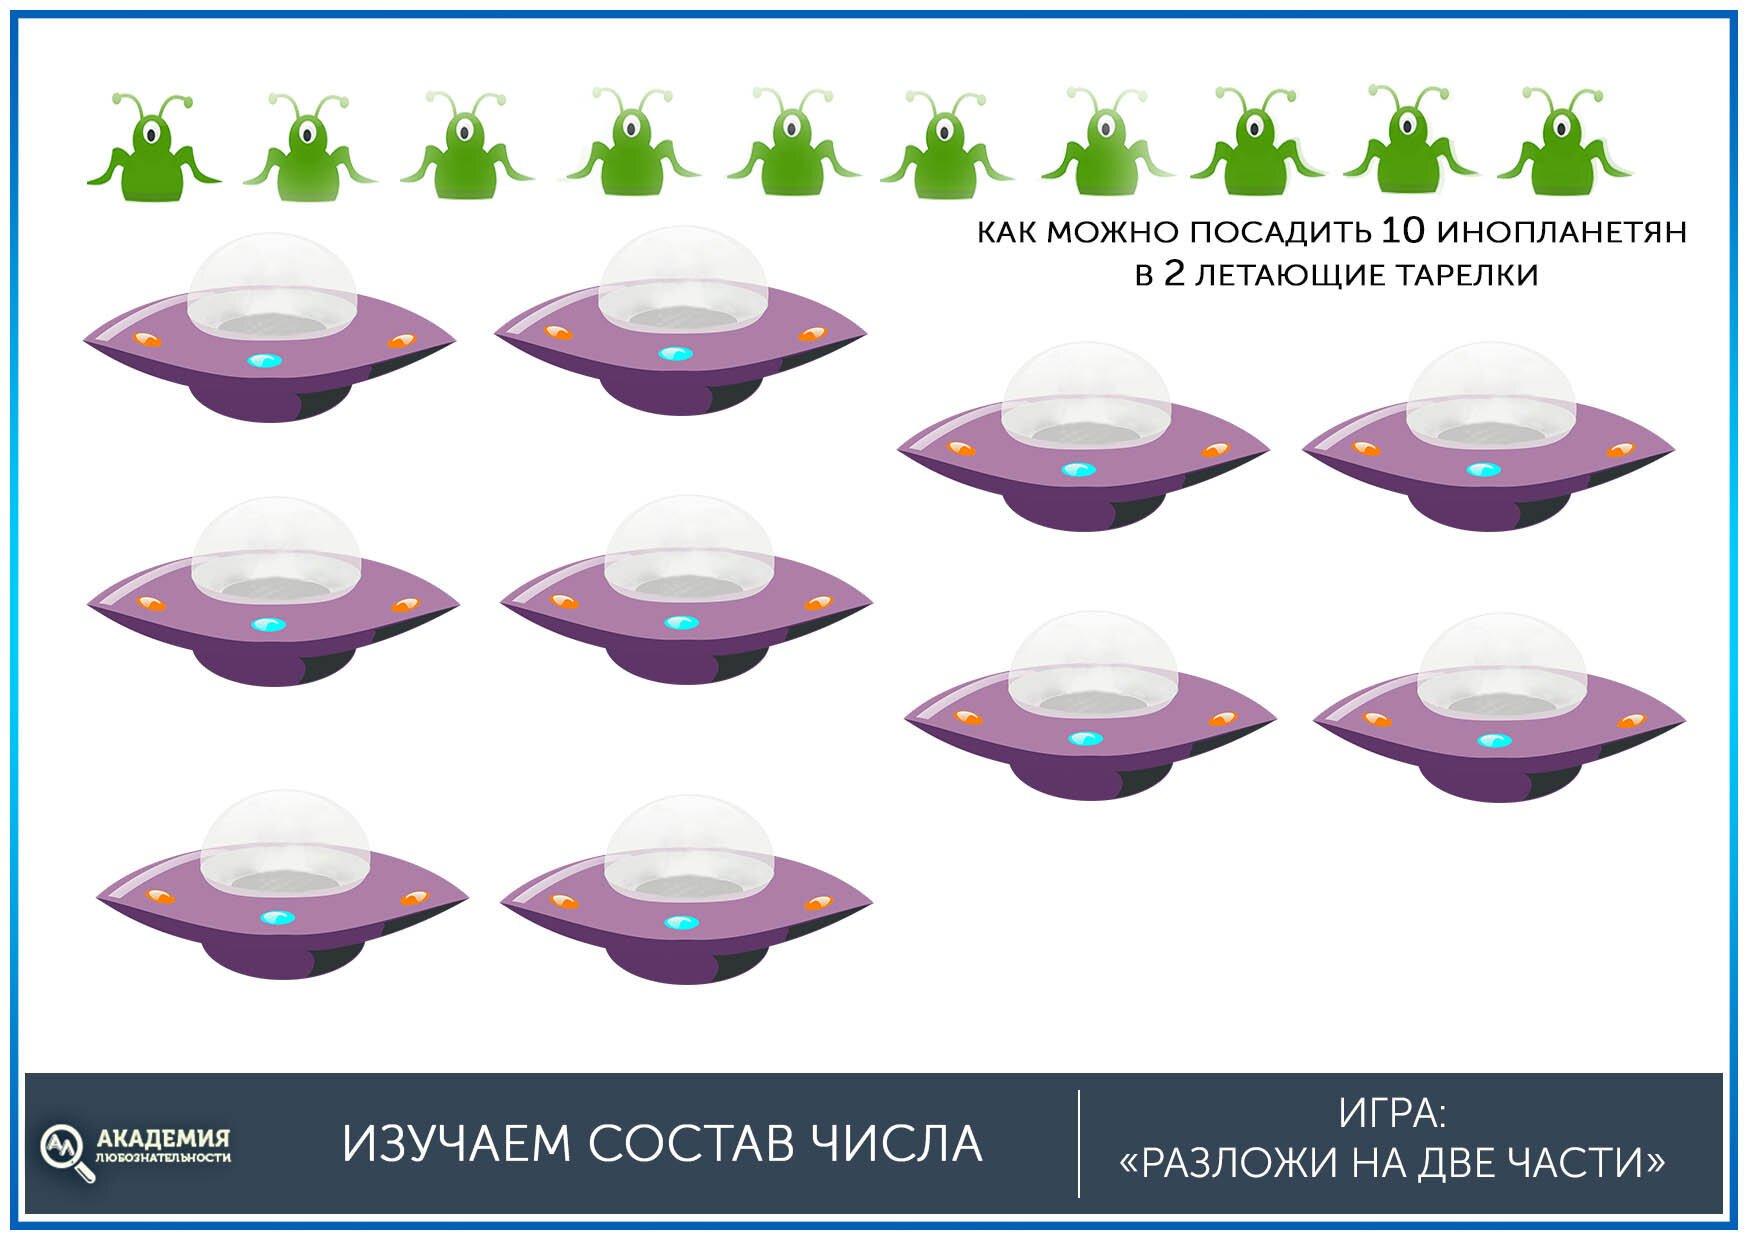 Задание посади инопланетян в летающие тарелки